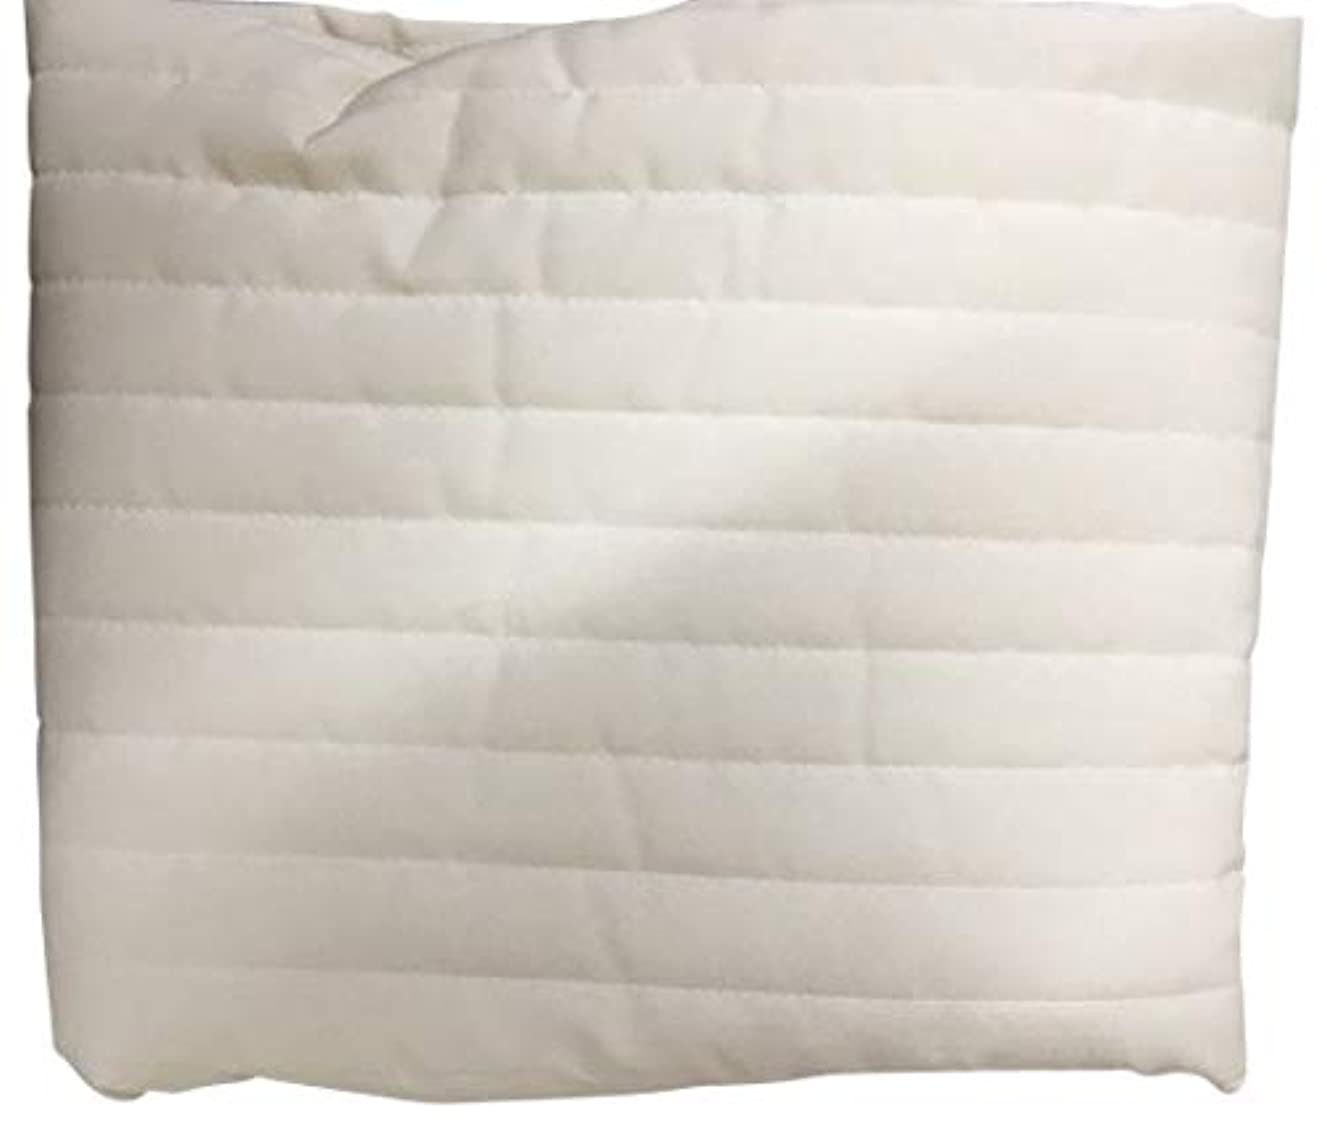 全滅させるガイドライン飽和する室内エアコンカバー(ベージュ) (S - 12-14 H x 18-21 W x 2D